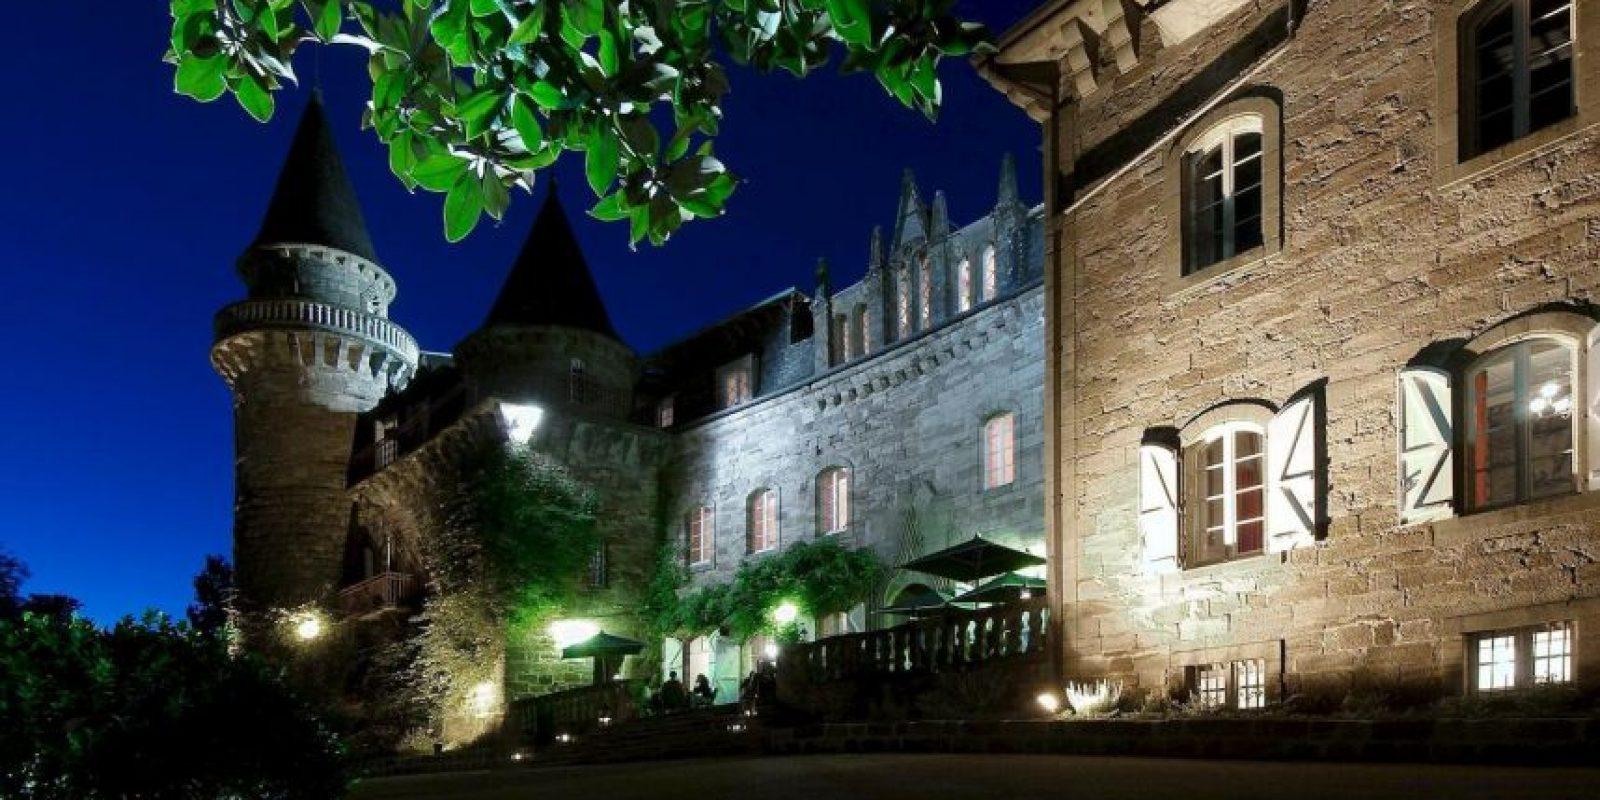 La noche en la suite más cara se cotiza hasta en 617 dólares Foto:Facebook.com/pages/Château-de-Castel-Novel